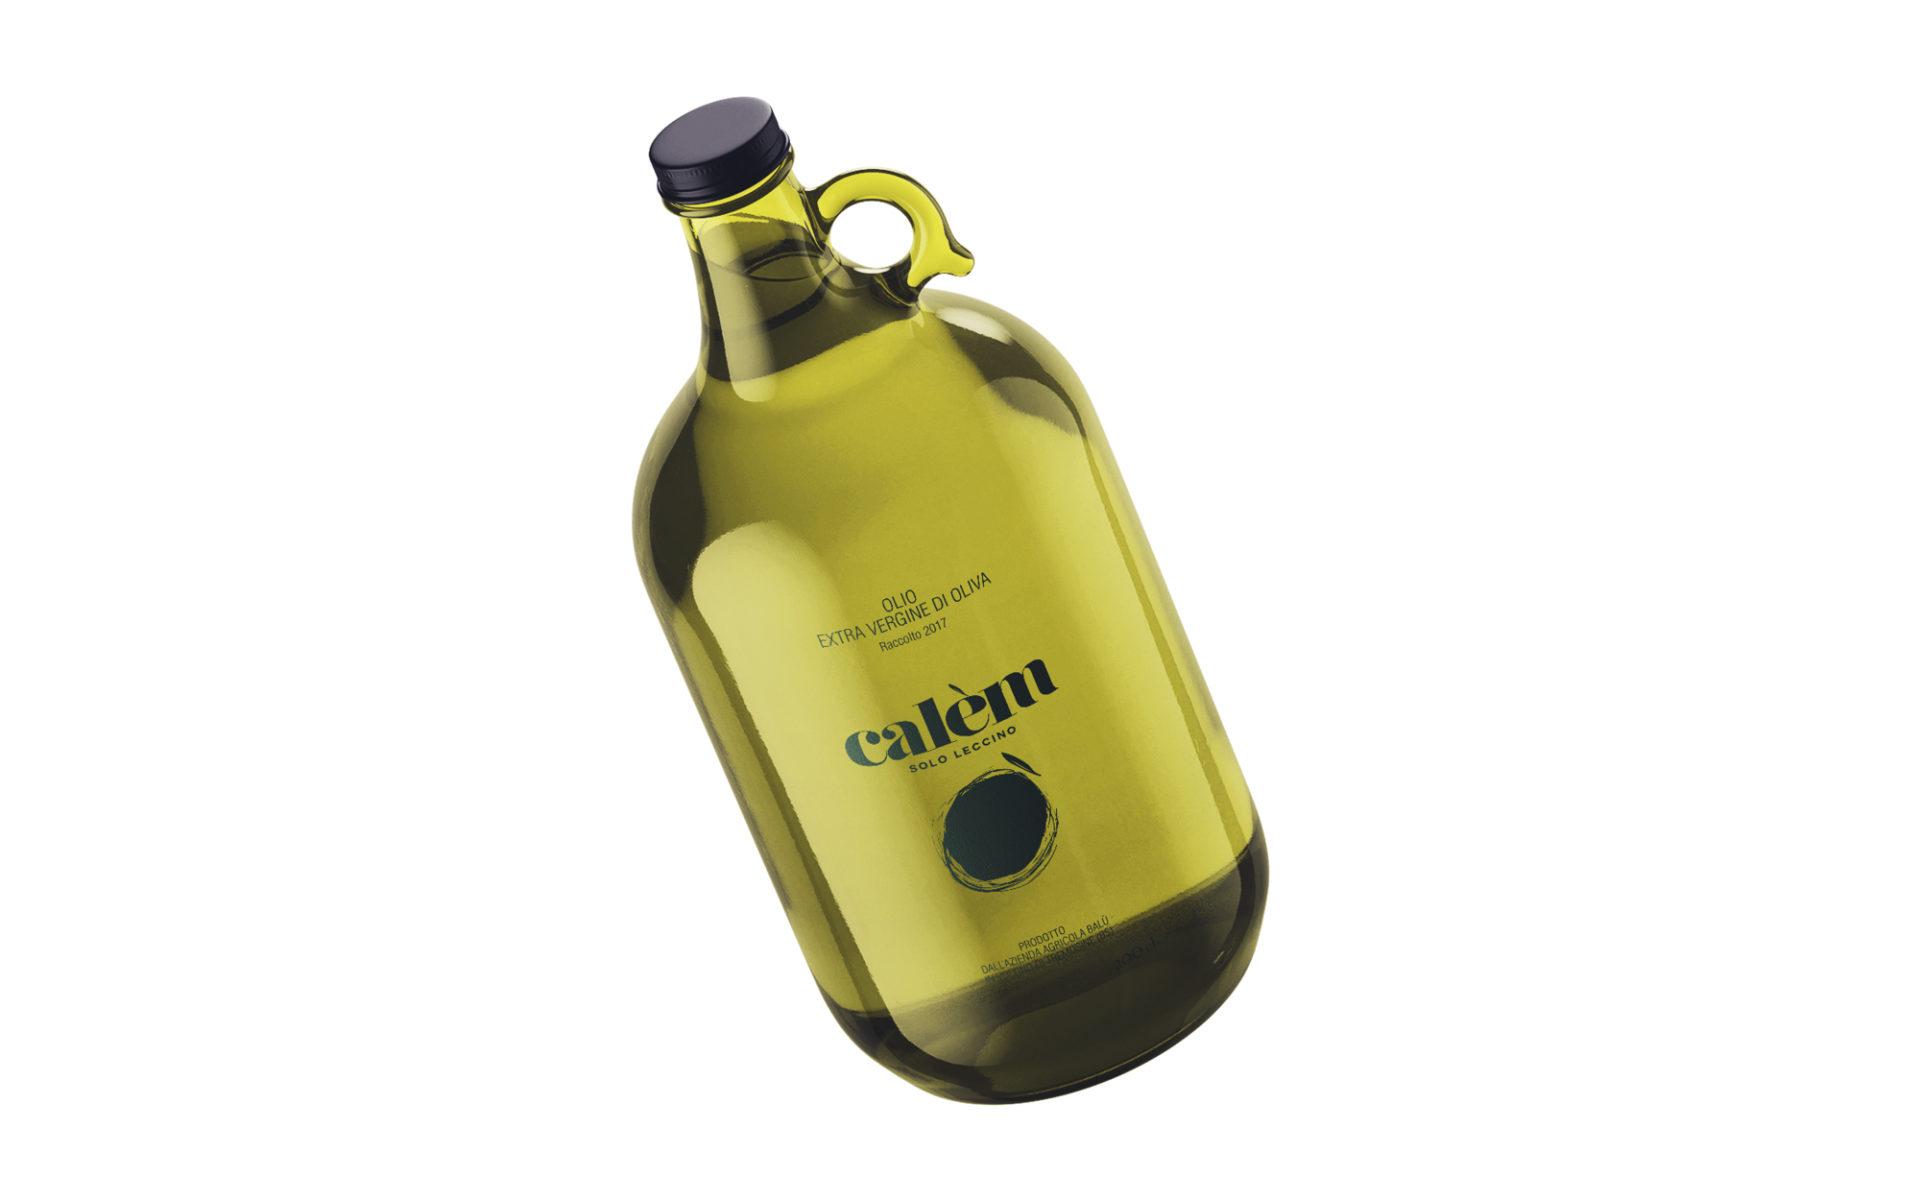 progetto grafico del marchio e dell'etichetta per bottiglia olio calem, creato dalla agenzia grafica diadestudio di arco di trento